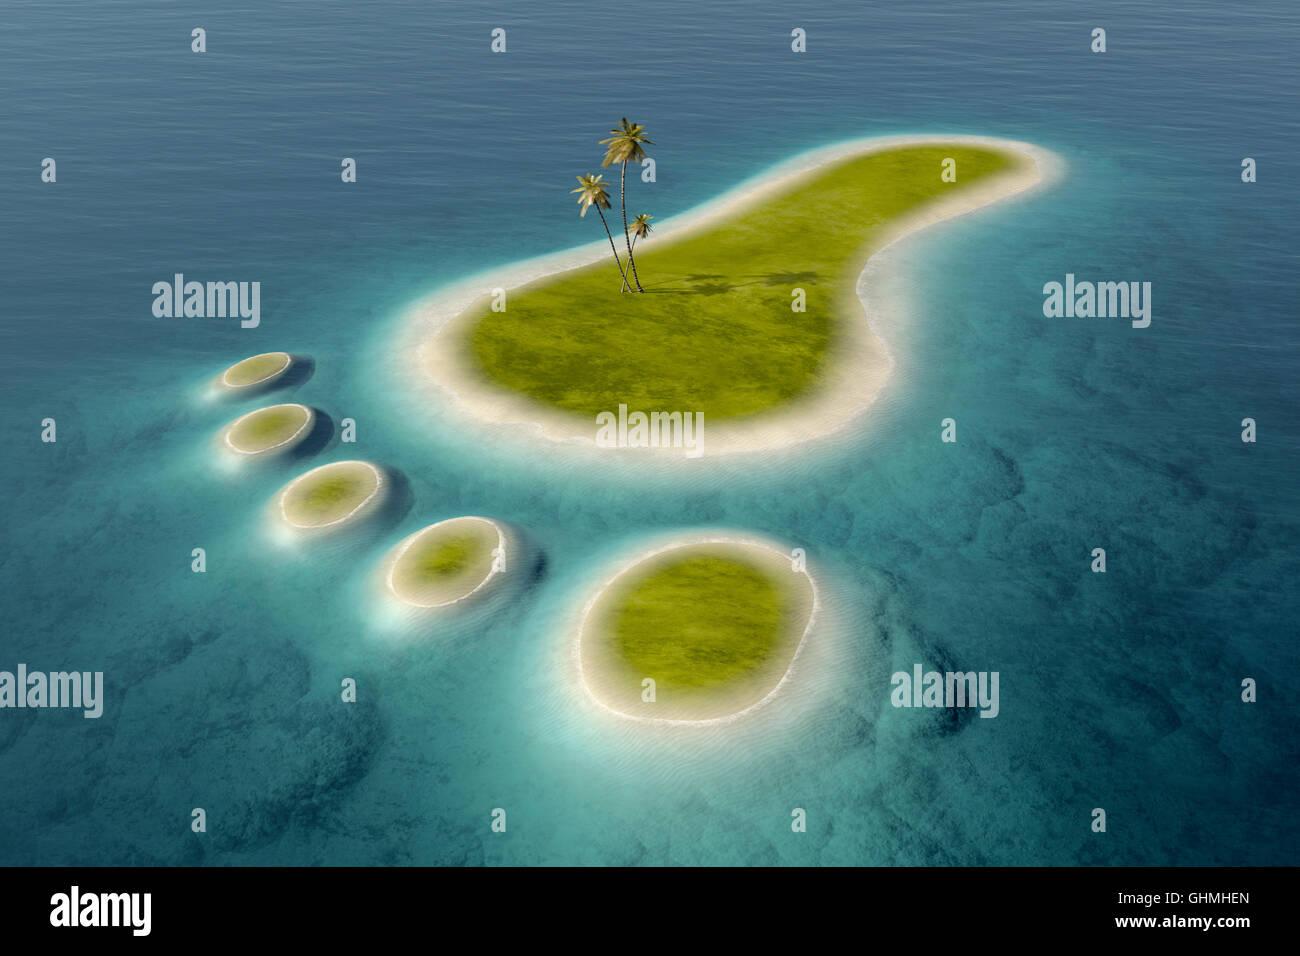 Verdes islas con playas de arena blanca en forma de un espacio rodeado por el agua azul del océano tropical. Imagen De Stock